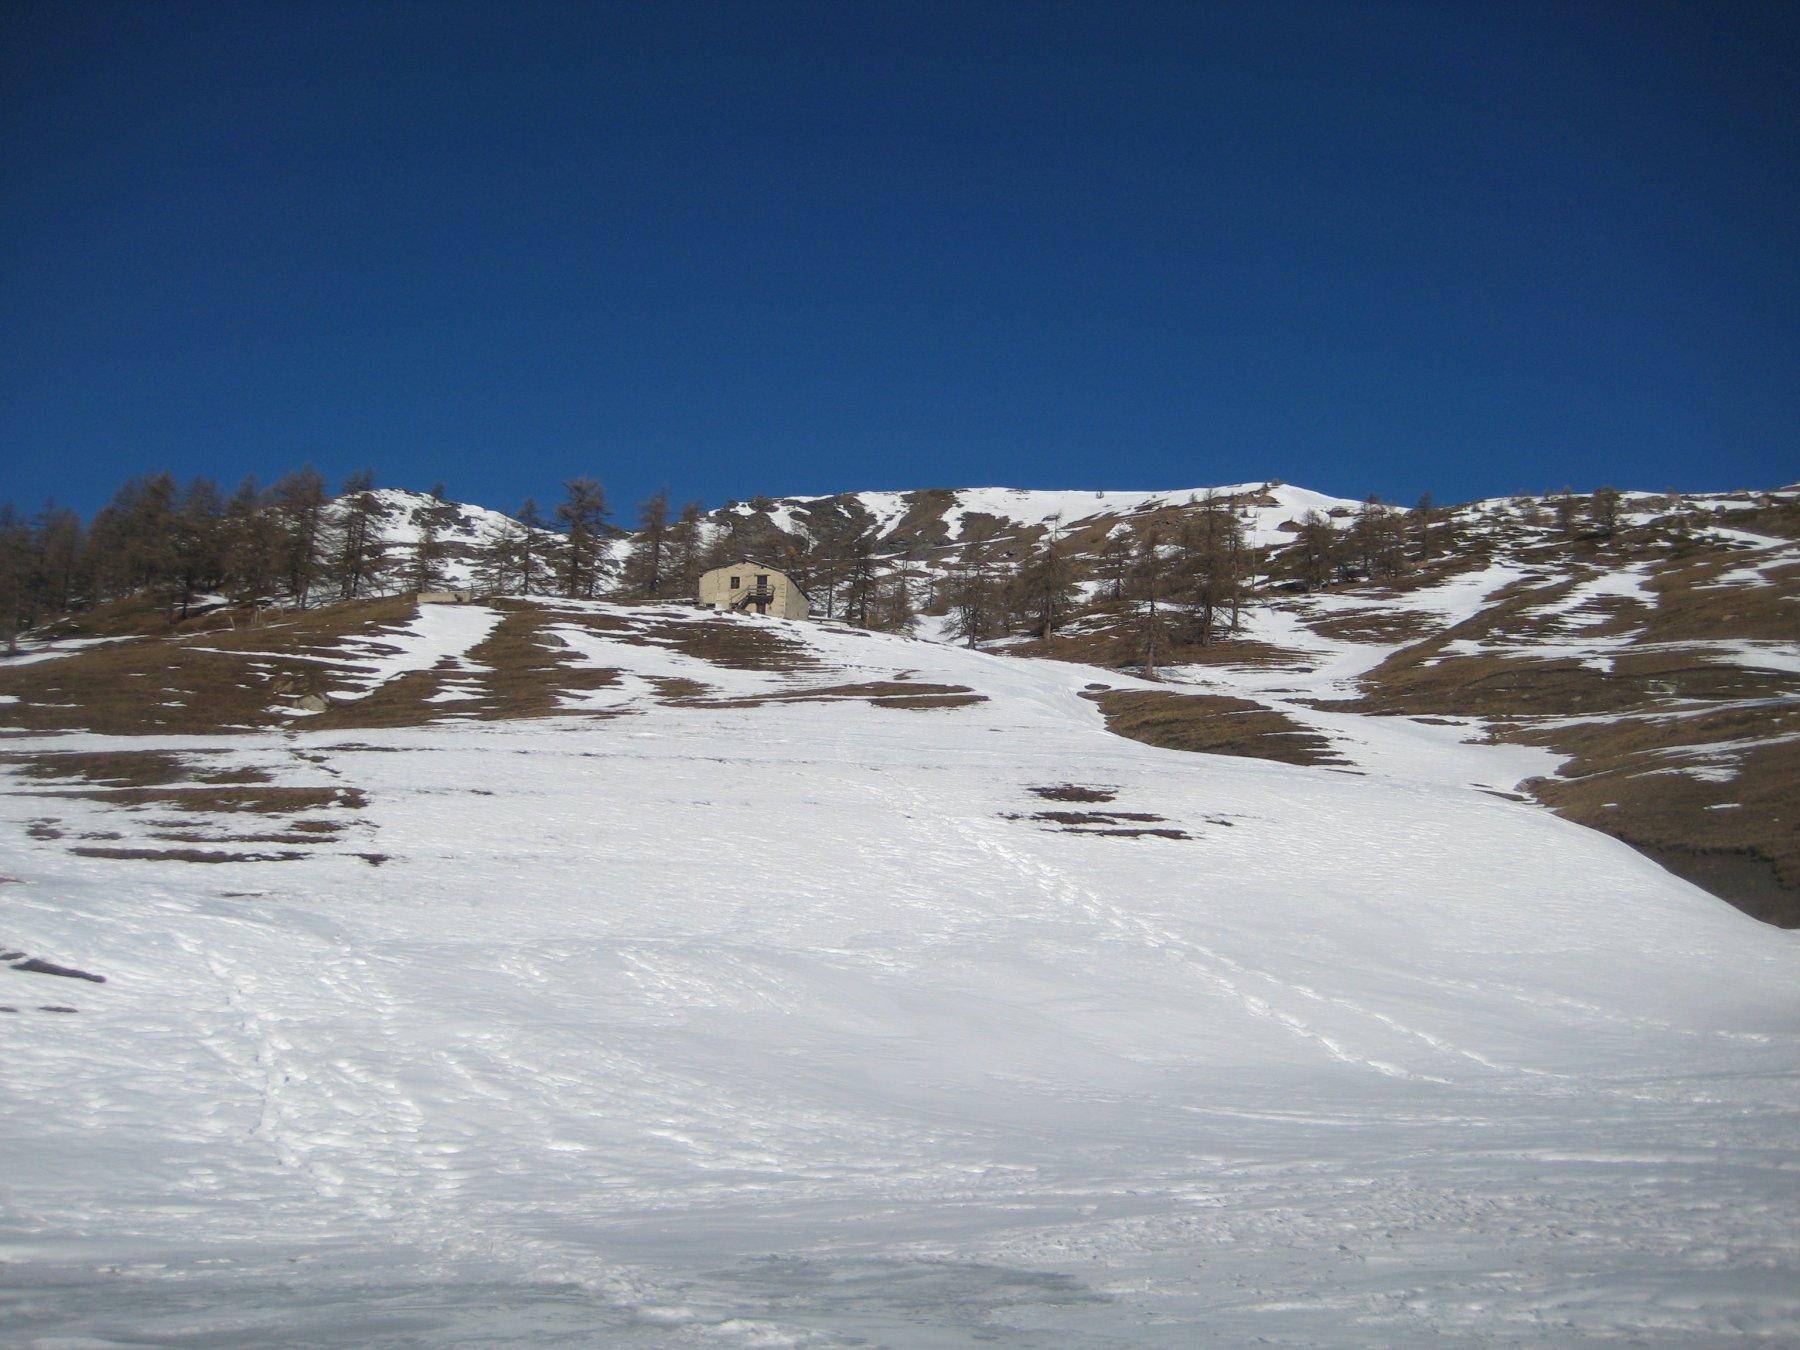 situazione desolante all'Alpe Bruns